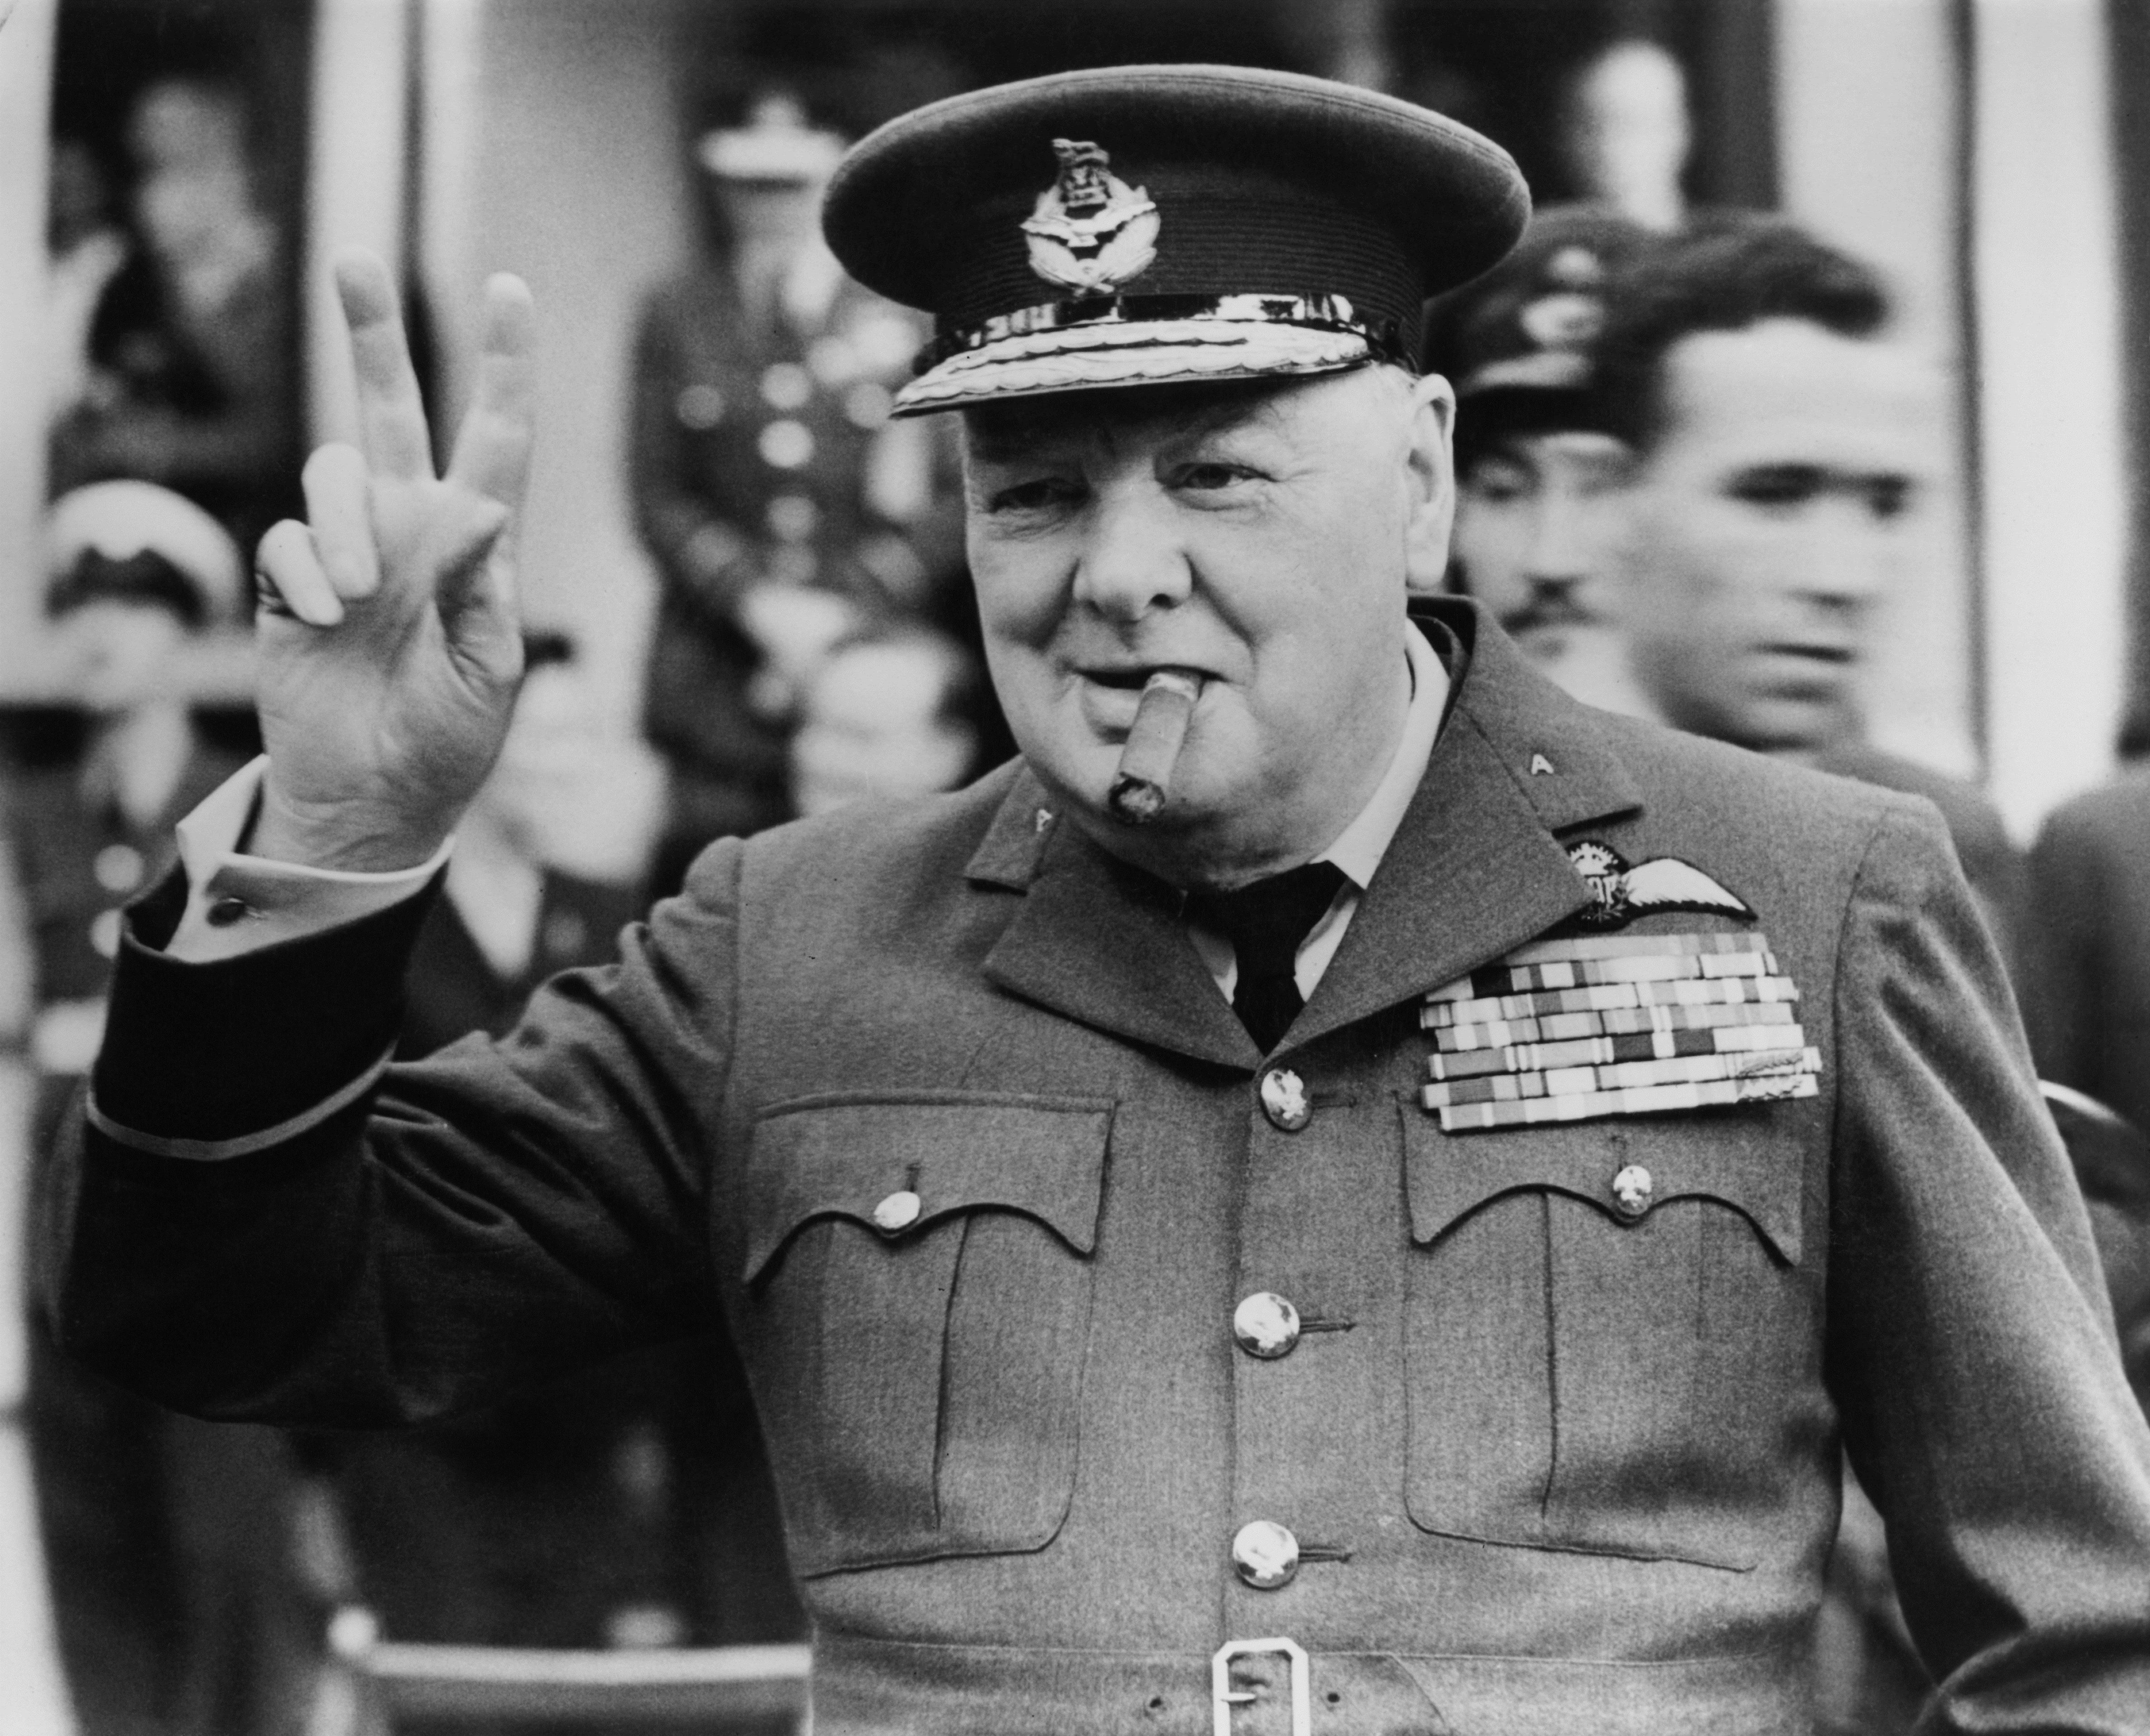 <p><strong>Уинстън Чърчил за религията и расата</strong></p>  <p>&bdquo;Отделните мюсюлмани могат да проявят великолепни качества. Хиляди &ndash; стават смели и верни войници на кралицата, всички те знаят как да умират. Но влиянието на религията парализира социалното развитие на онези които я следват. В света няма по-силна ретроградна сила&rdquo;.</p>